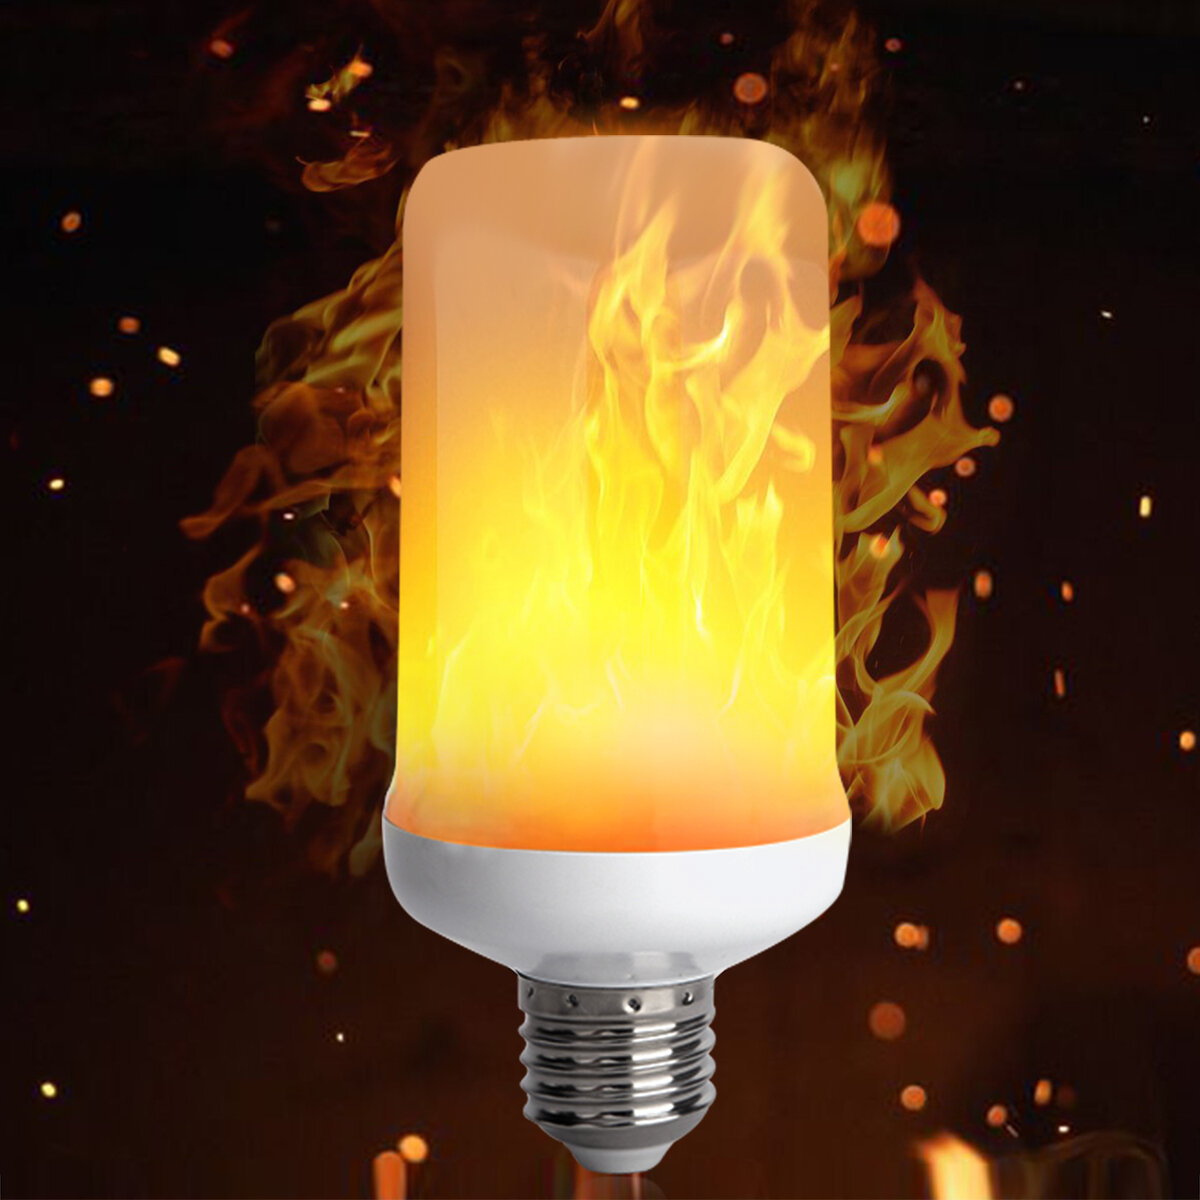 Лампа LED с эффектом пламени в Екатеринбурге